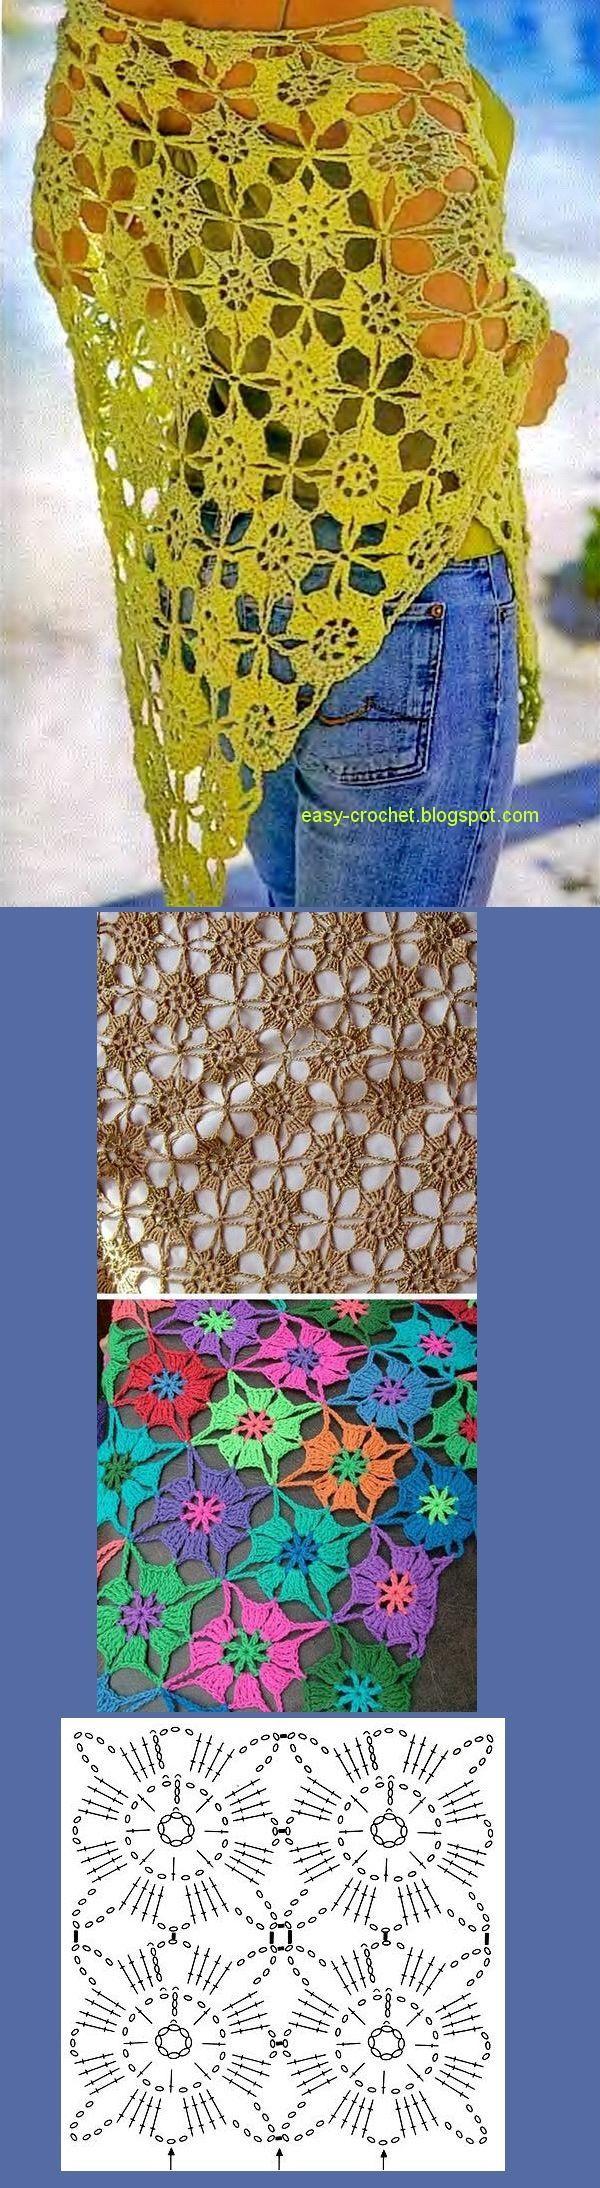 Stylish Crochet Fácil. Crochet Xale Padrão Grátis - Elegante E Fácil.